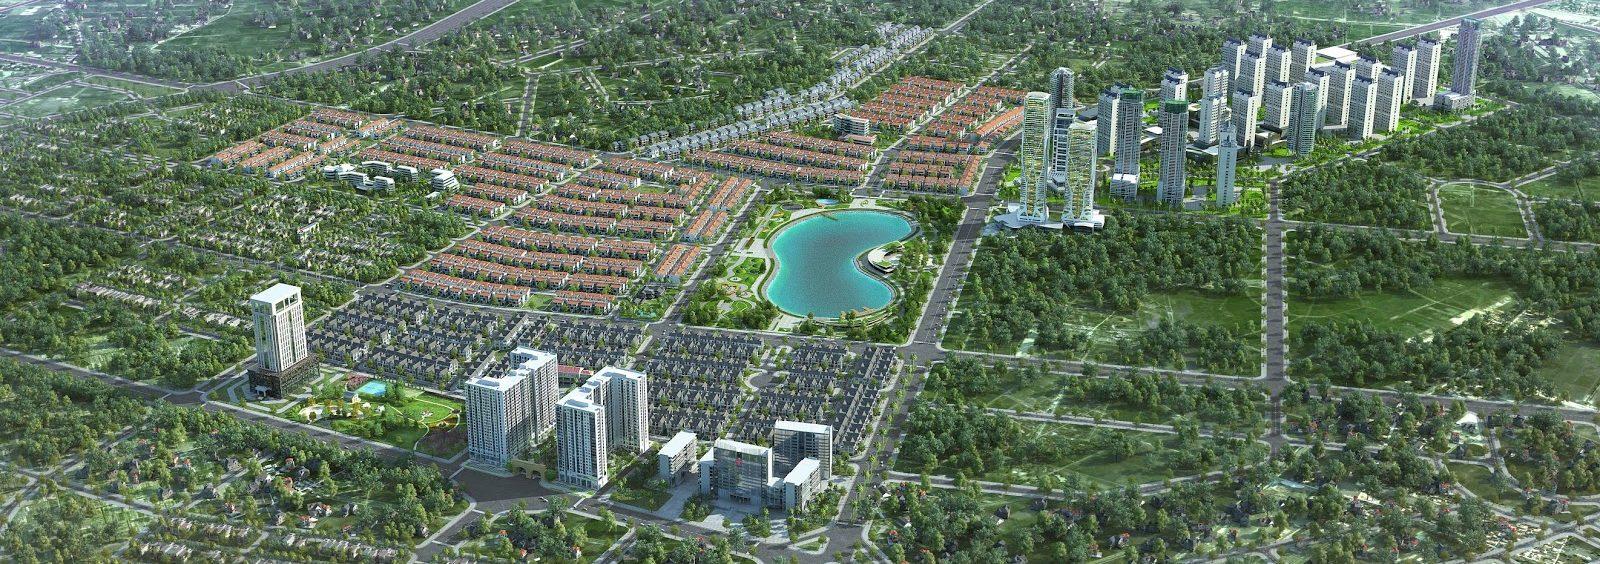 Phối cảnh tổng thể Khu đô thị Dương Nội - Anland Premium (chung cư Anland 2)